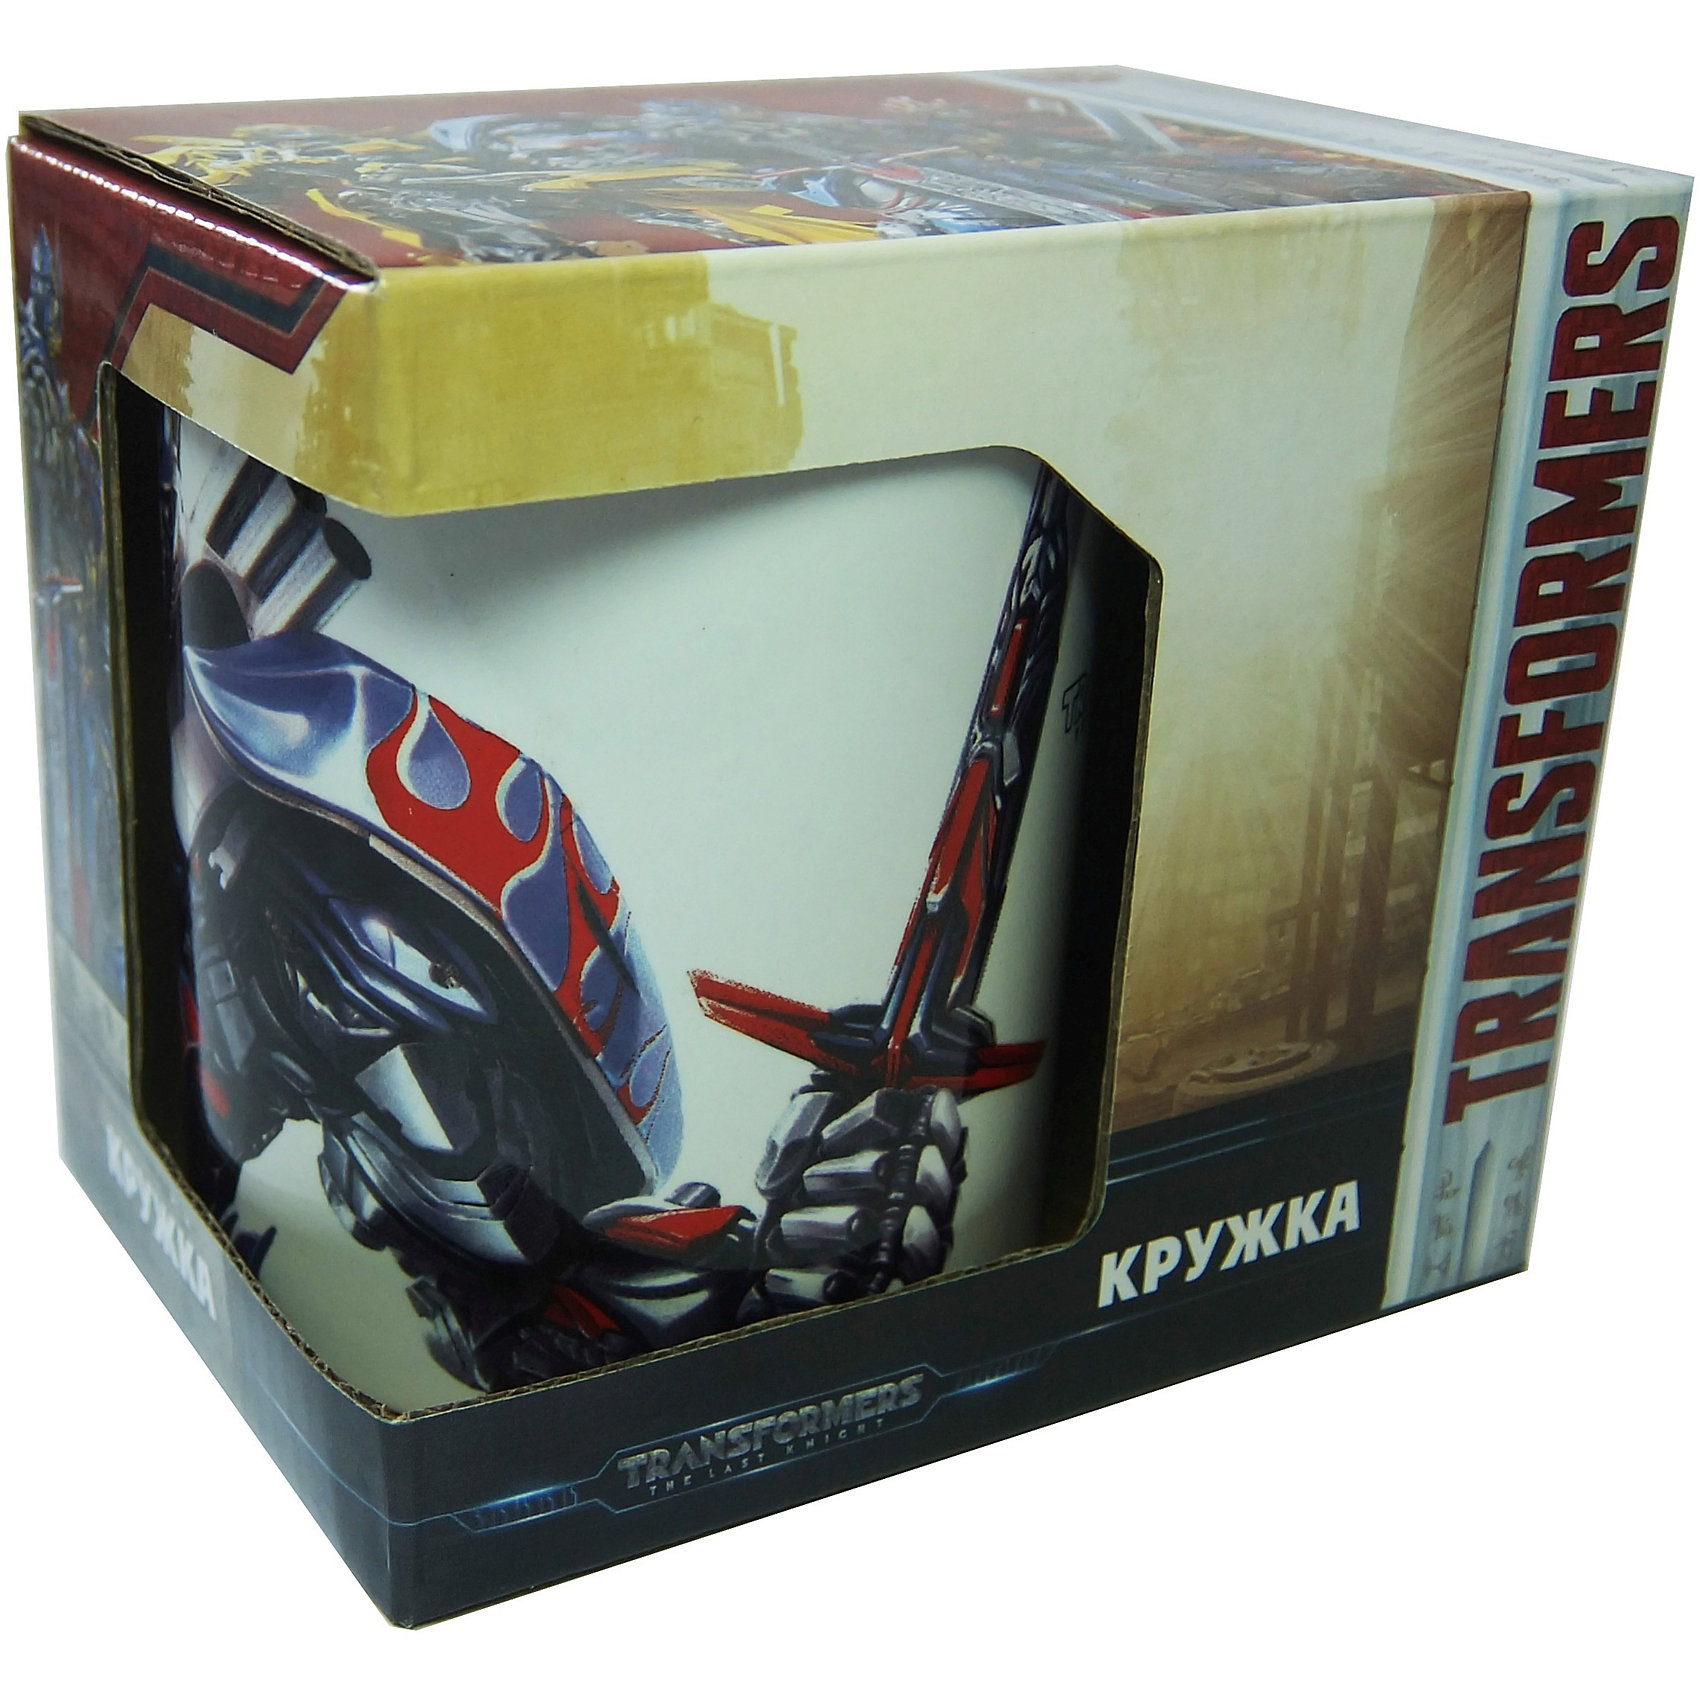 Кружка Transformers Последний рыцарь. Оптимус Прайм в подарочной упаковке, 350мл.Детская посуда<br>Характеристики:<br><br>• Материал: керамика<br>• Тематика рисунка: Трансформеры<br>• Можно использовать для горячих и холодных напитков<br>• Упаковка: подарочная картонная коробка<br>• Объем: 350 мл<br>• Вес: 360 г<br>• Размеры (Д*Ш*В): 12*8,2*9,5 см<br>• Особенности ухода: можно мыть в посудомоечной машине<br><br>Кружка Transformers Последний рыцарь. Оптимус Прайм в подарочной упаковке, 350 мл выполнена в стильном дизайне: на белый корпус нанесено изображение героя популярного мультсериала Трансформеры – Оптимуса Прайма. Изображение детально отражает облик экранного прототипа, устойчиво к появлению царапин, не выцветает при частом мытье. <br><br>Кружку Transformers Последний рыцарь. Оптимус Прайм в подарочной упаковке, 350 мл можно купить в нашем интернет-магазине.<br><br>Ширина мм: 120<br>Глубина мм: 82<br>Высота мм: 95<br>Вес г: 360<br>Возраст от месяцев: 36<br>Возраст до месяцев: 1188<br>Пол: Мужской<br>Возраст: Детский<br>SKU: 6849966